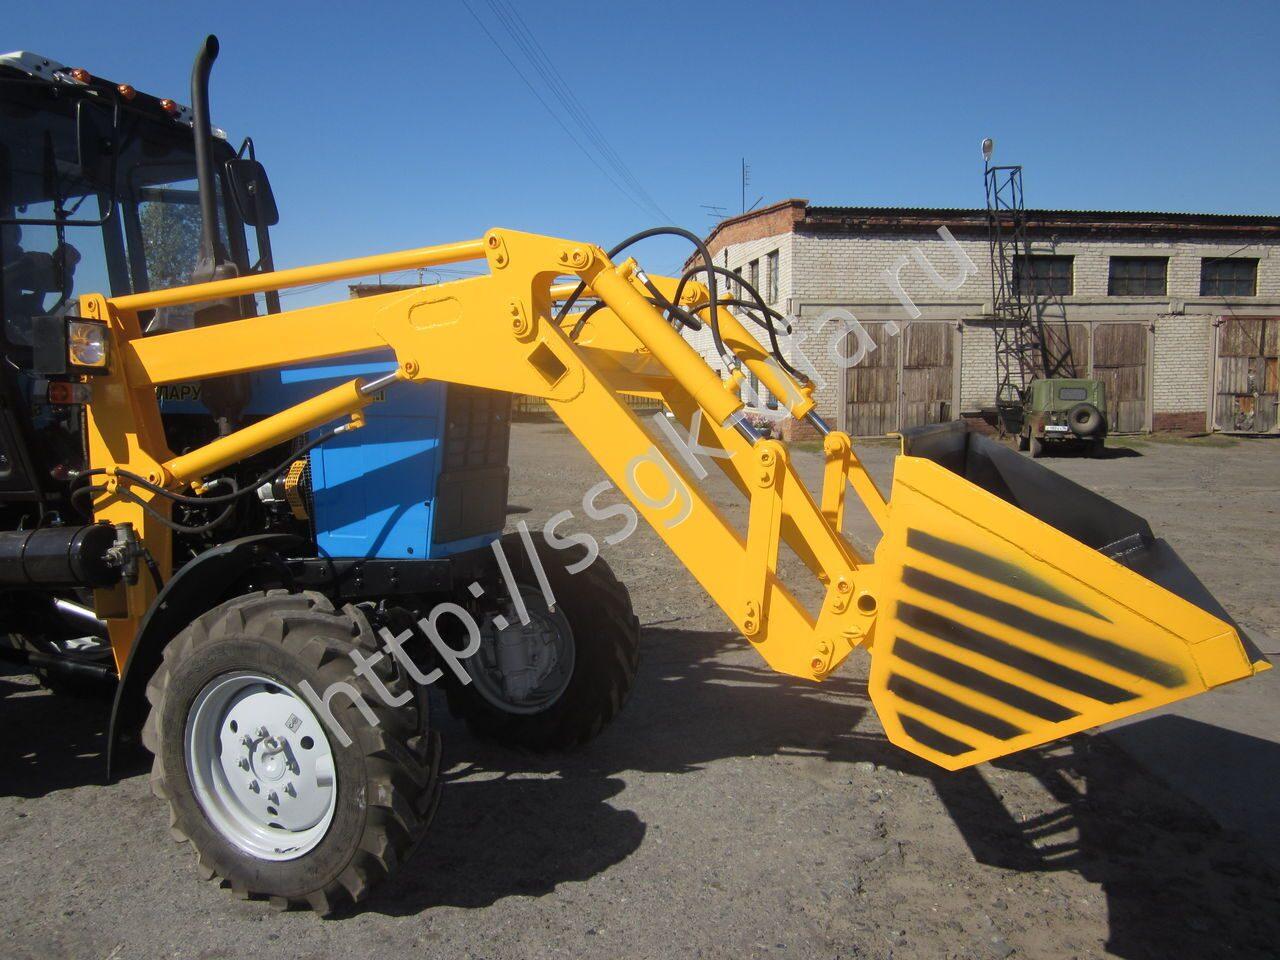 Продаю трактор мтз 80 в г.Казань Татарстана - бесплатное.